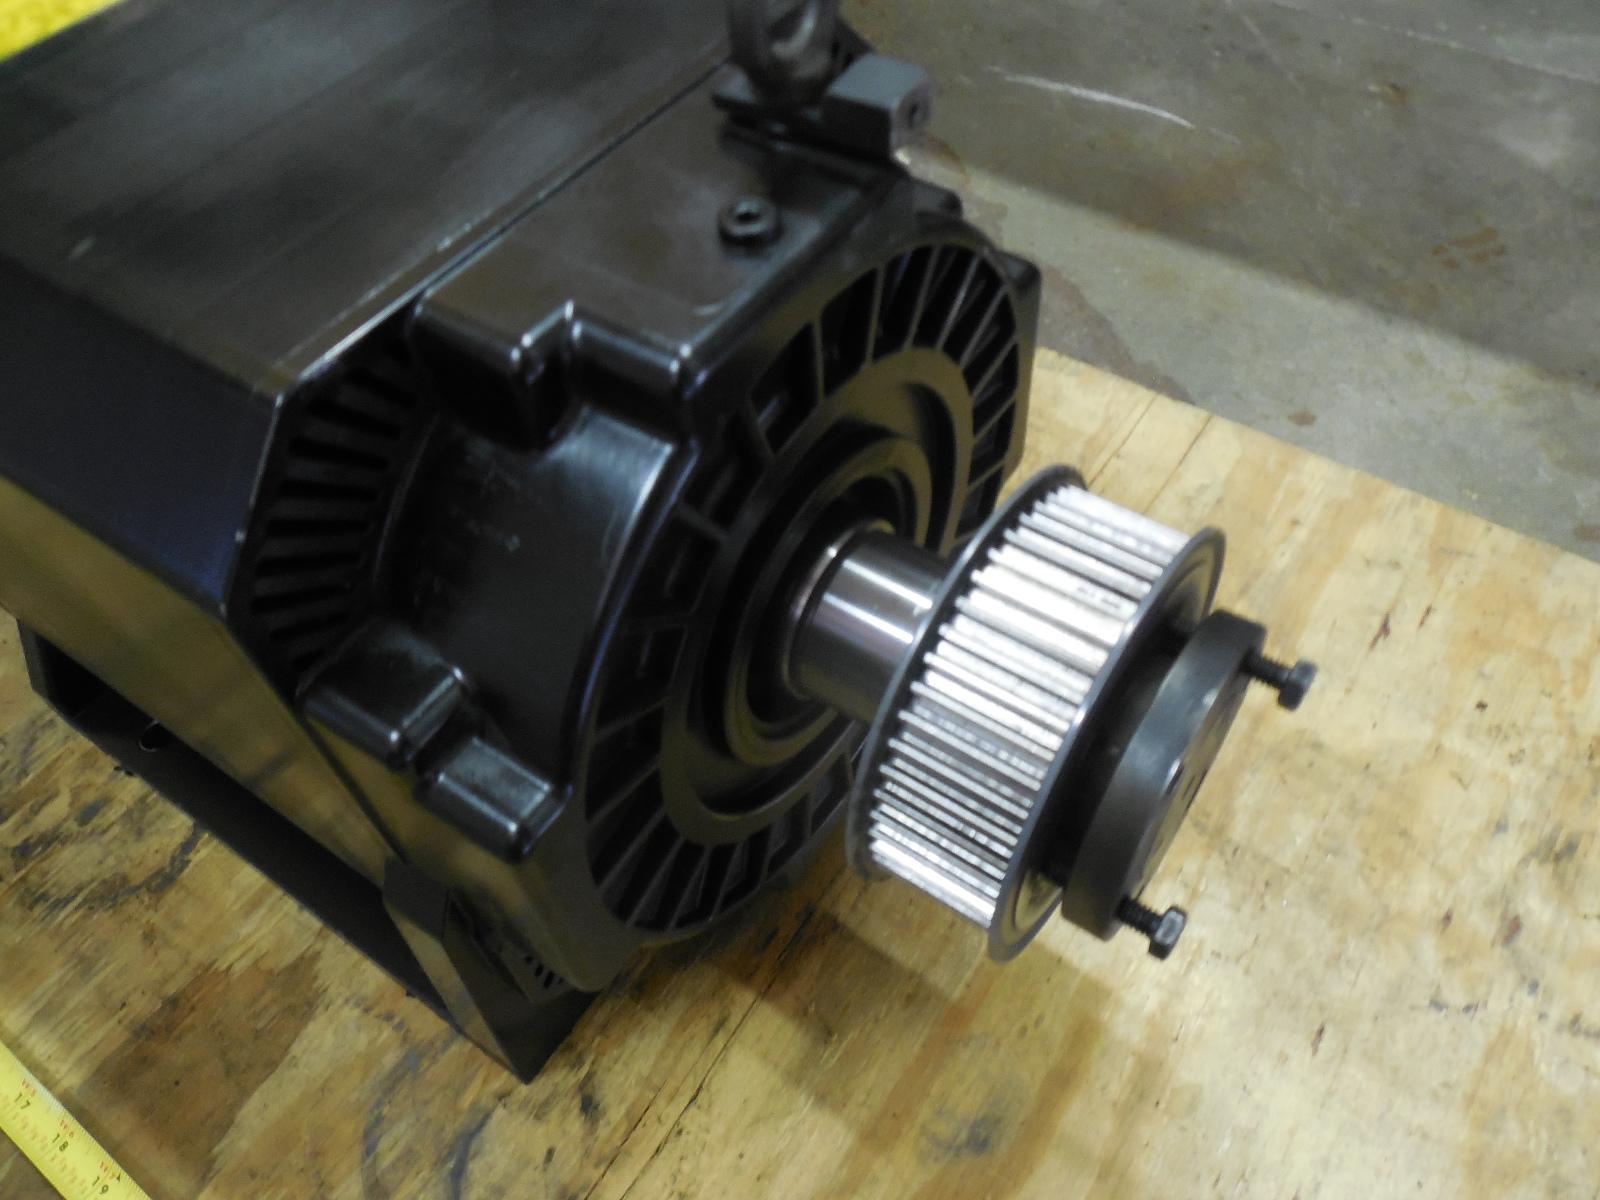 A06b 1511 B200 Fanuc No C052k1893 Ac Spindle Motor 3